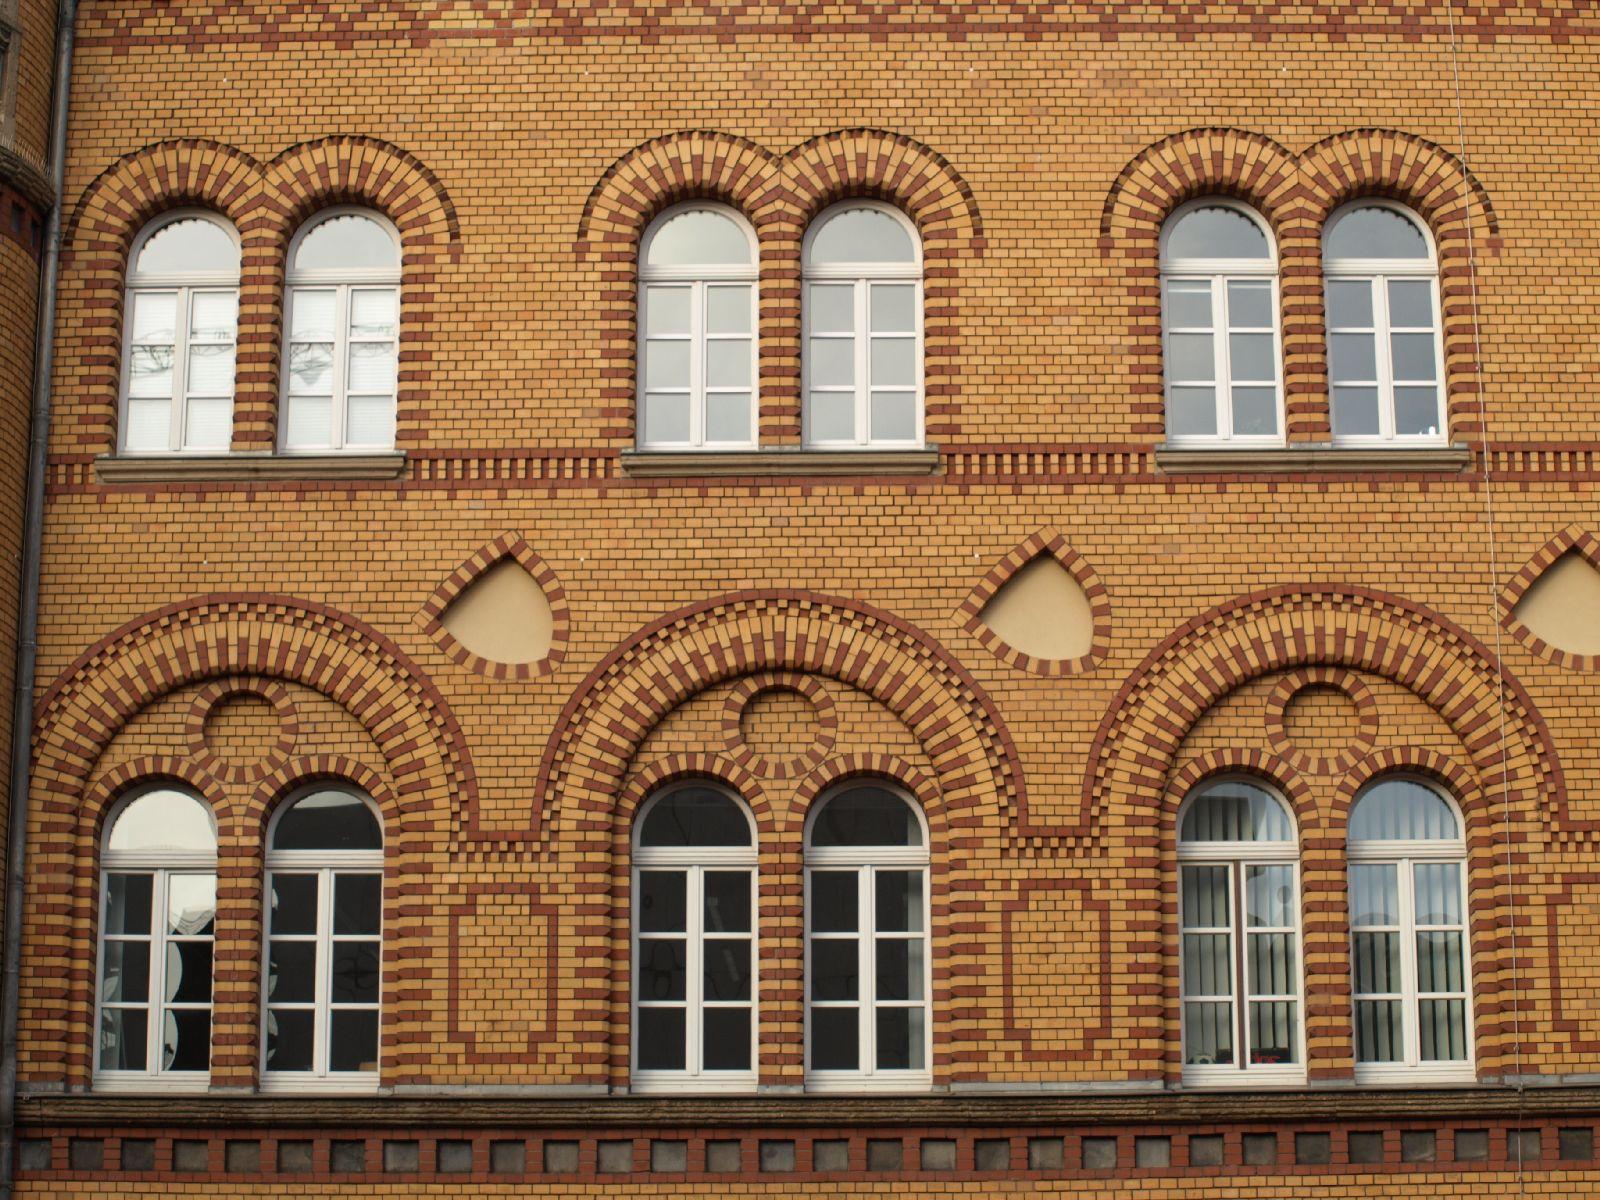 Building_Texture_A_PB010838